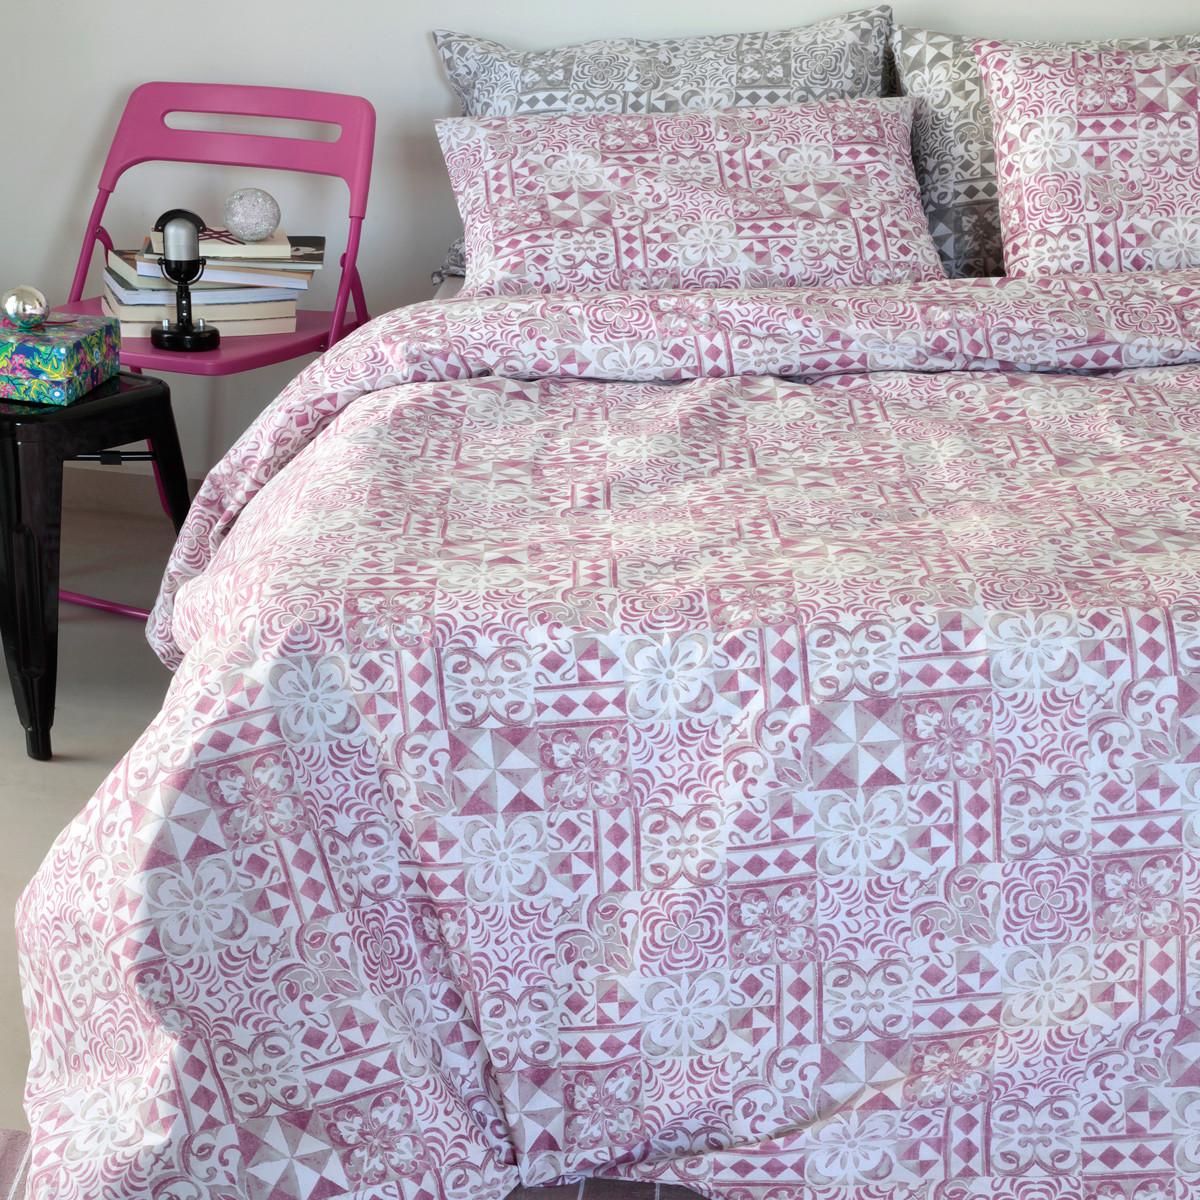 Σεντόνια Διπλά (Σετ) Melinen Ultra Batik Orchid home   κρεβατοκάμαρα   σεντόνια   σεντόνια ημίδιπλα   διπλά